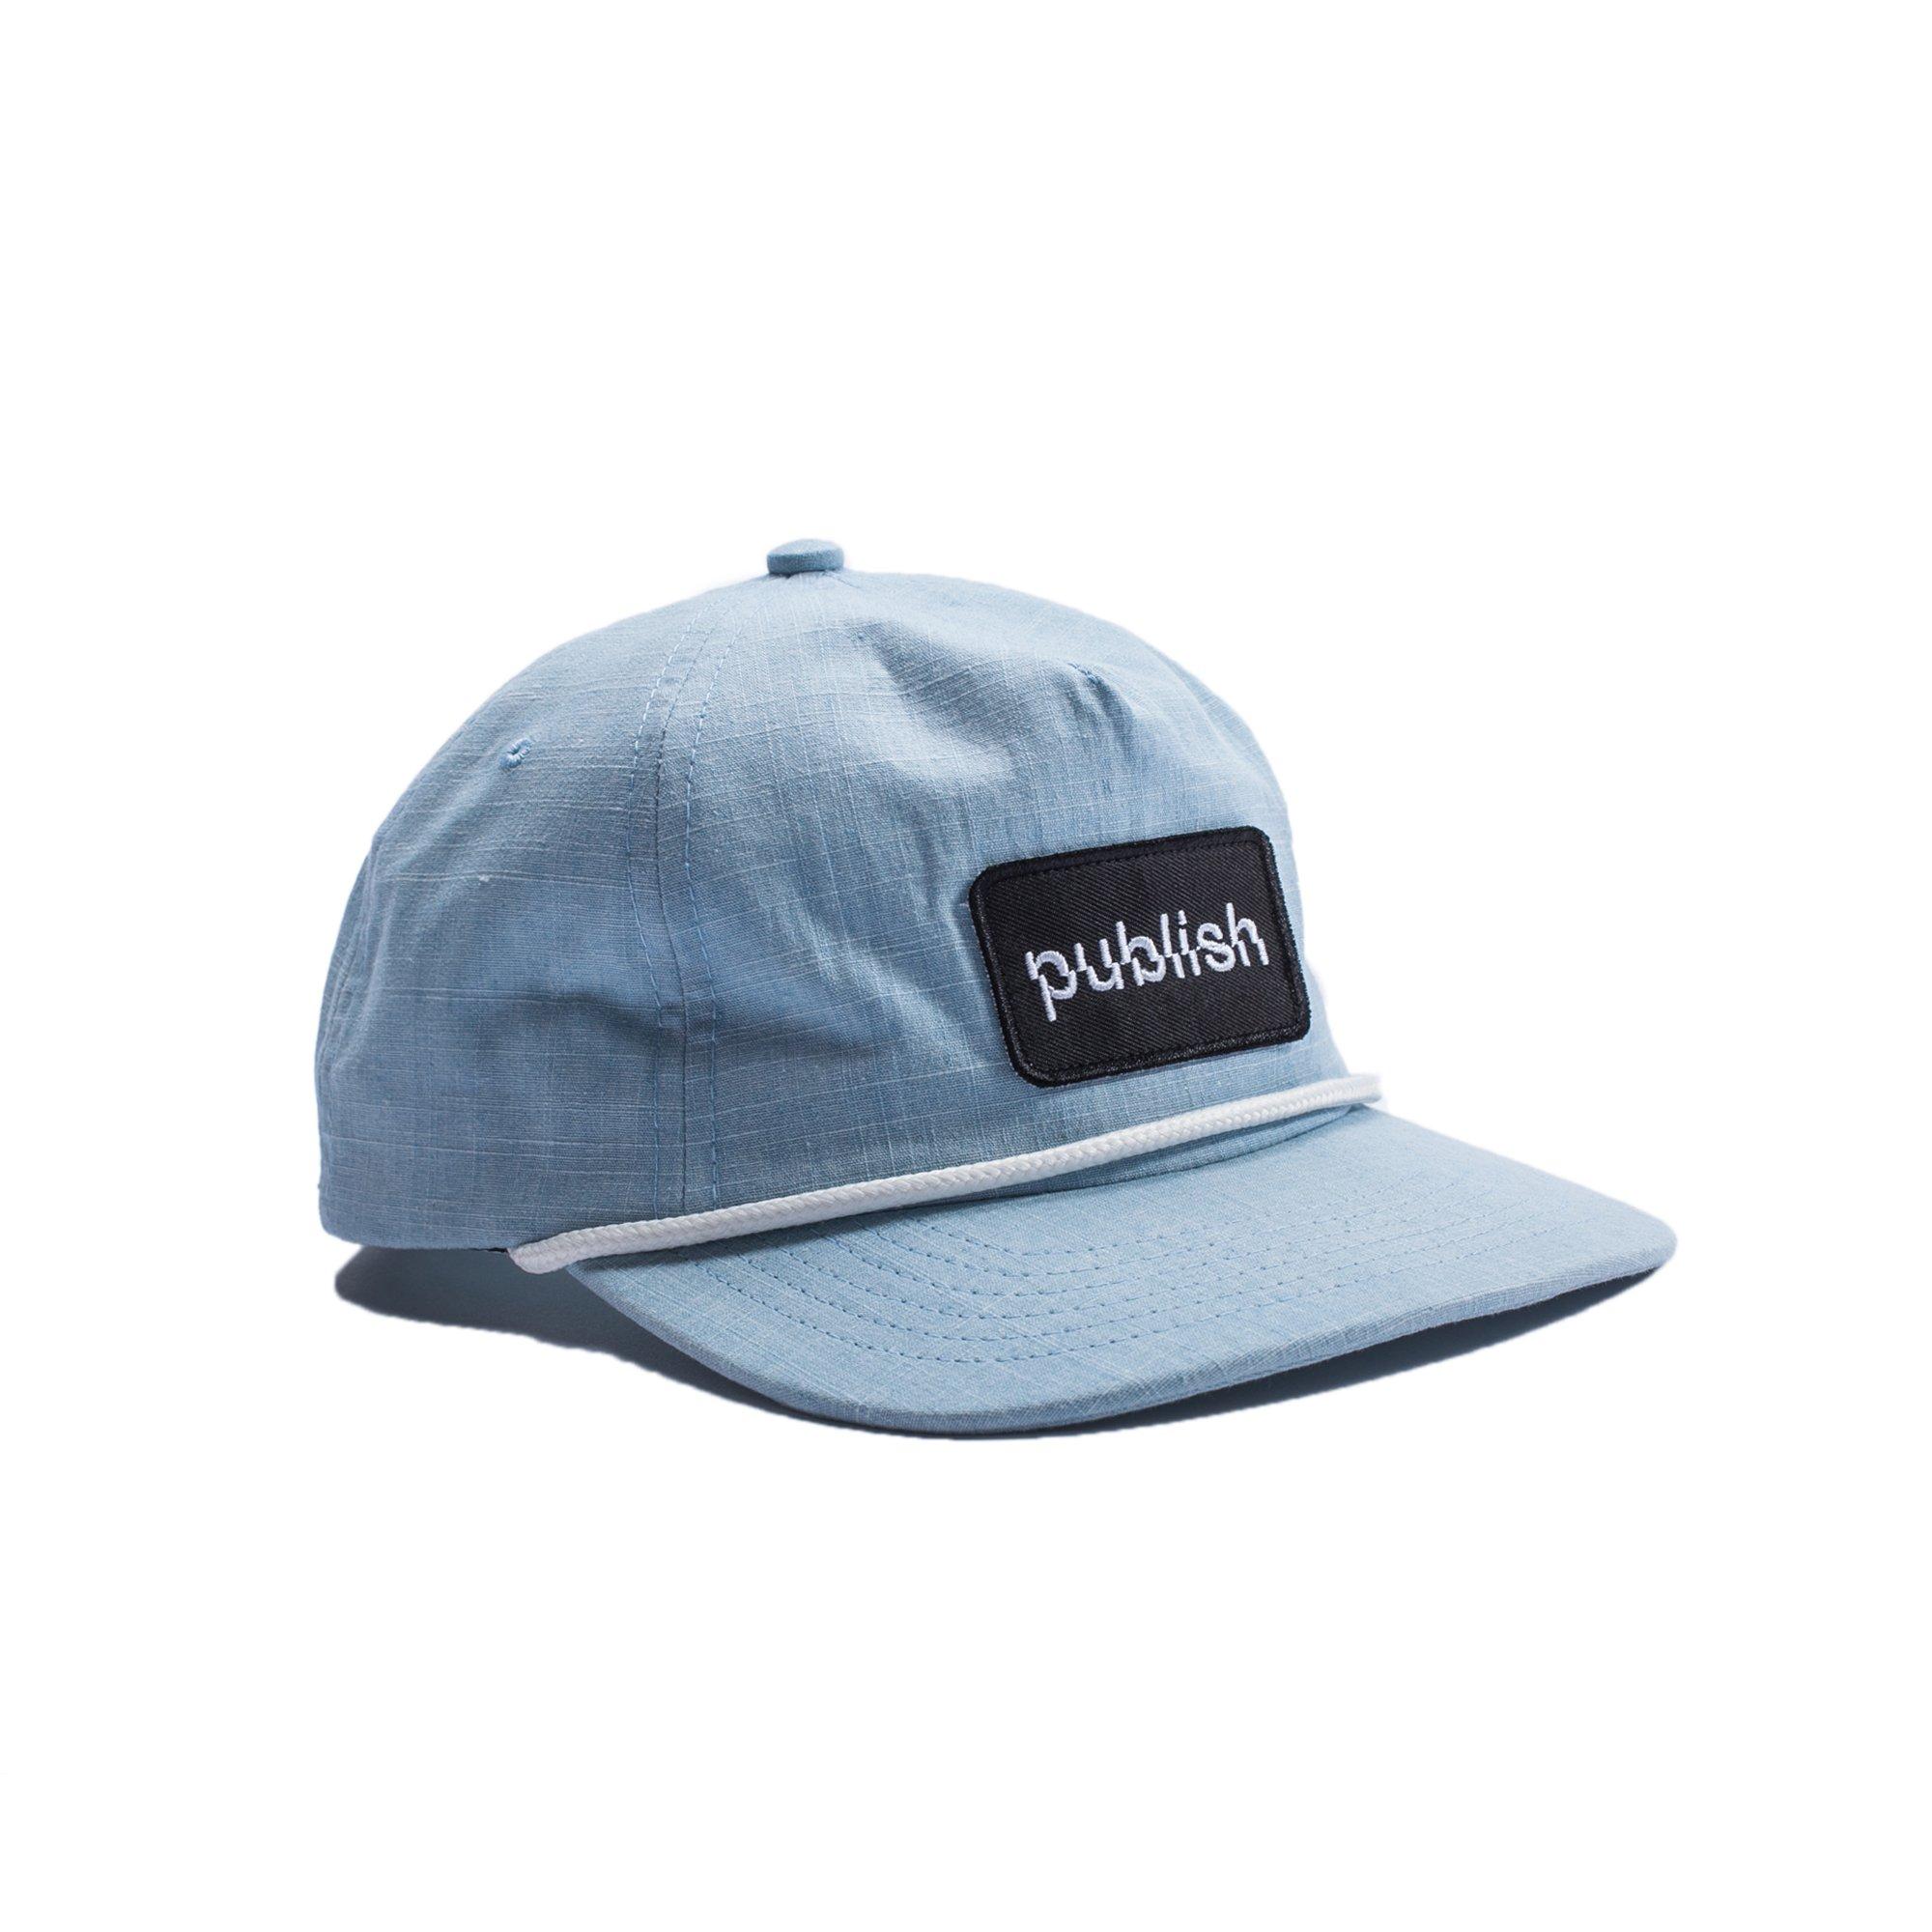 【PUBLISH BRAND/パブリッシュブランド】INDEE スナップバックキャップ / LT BLUE